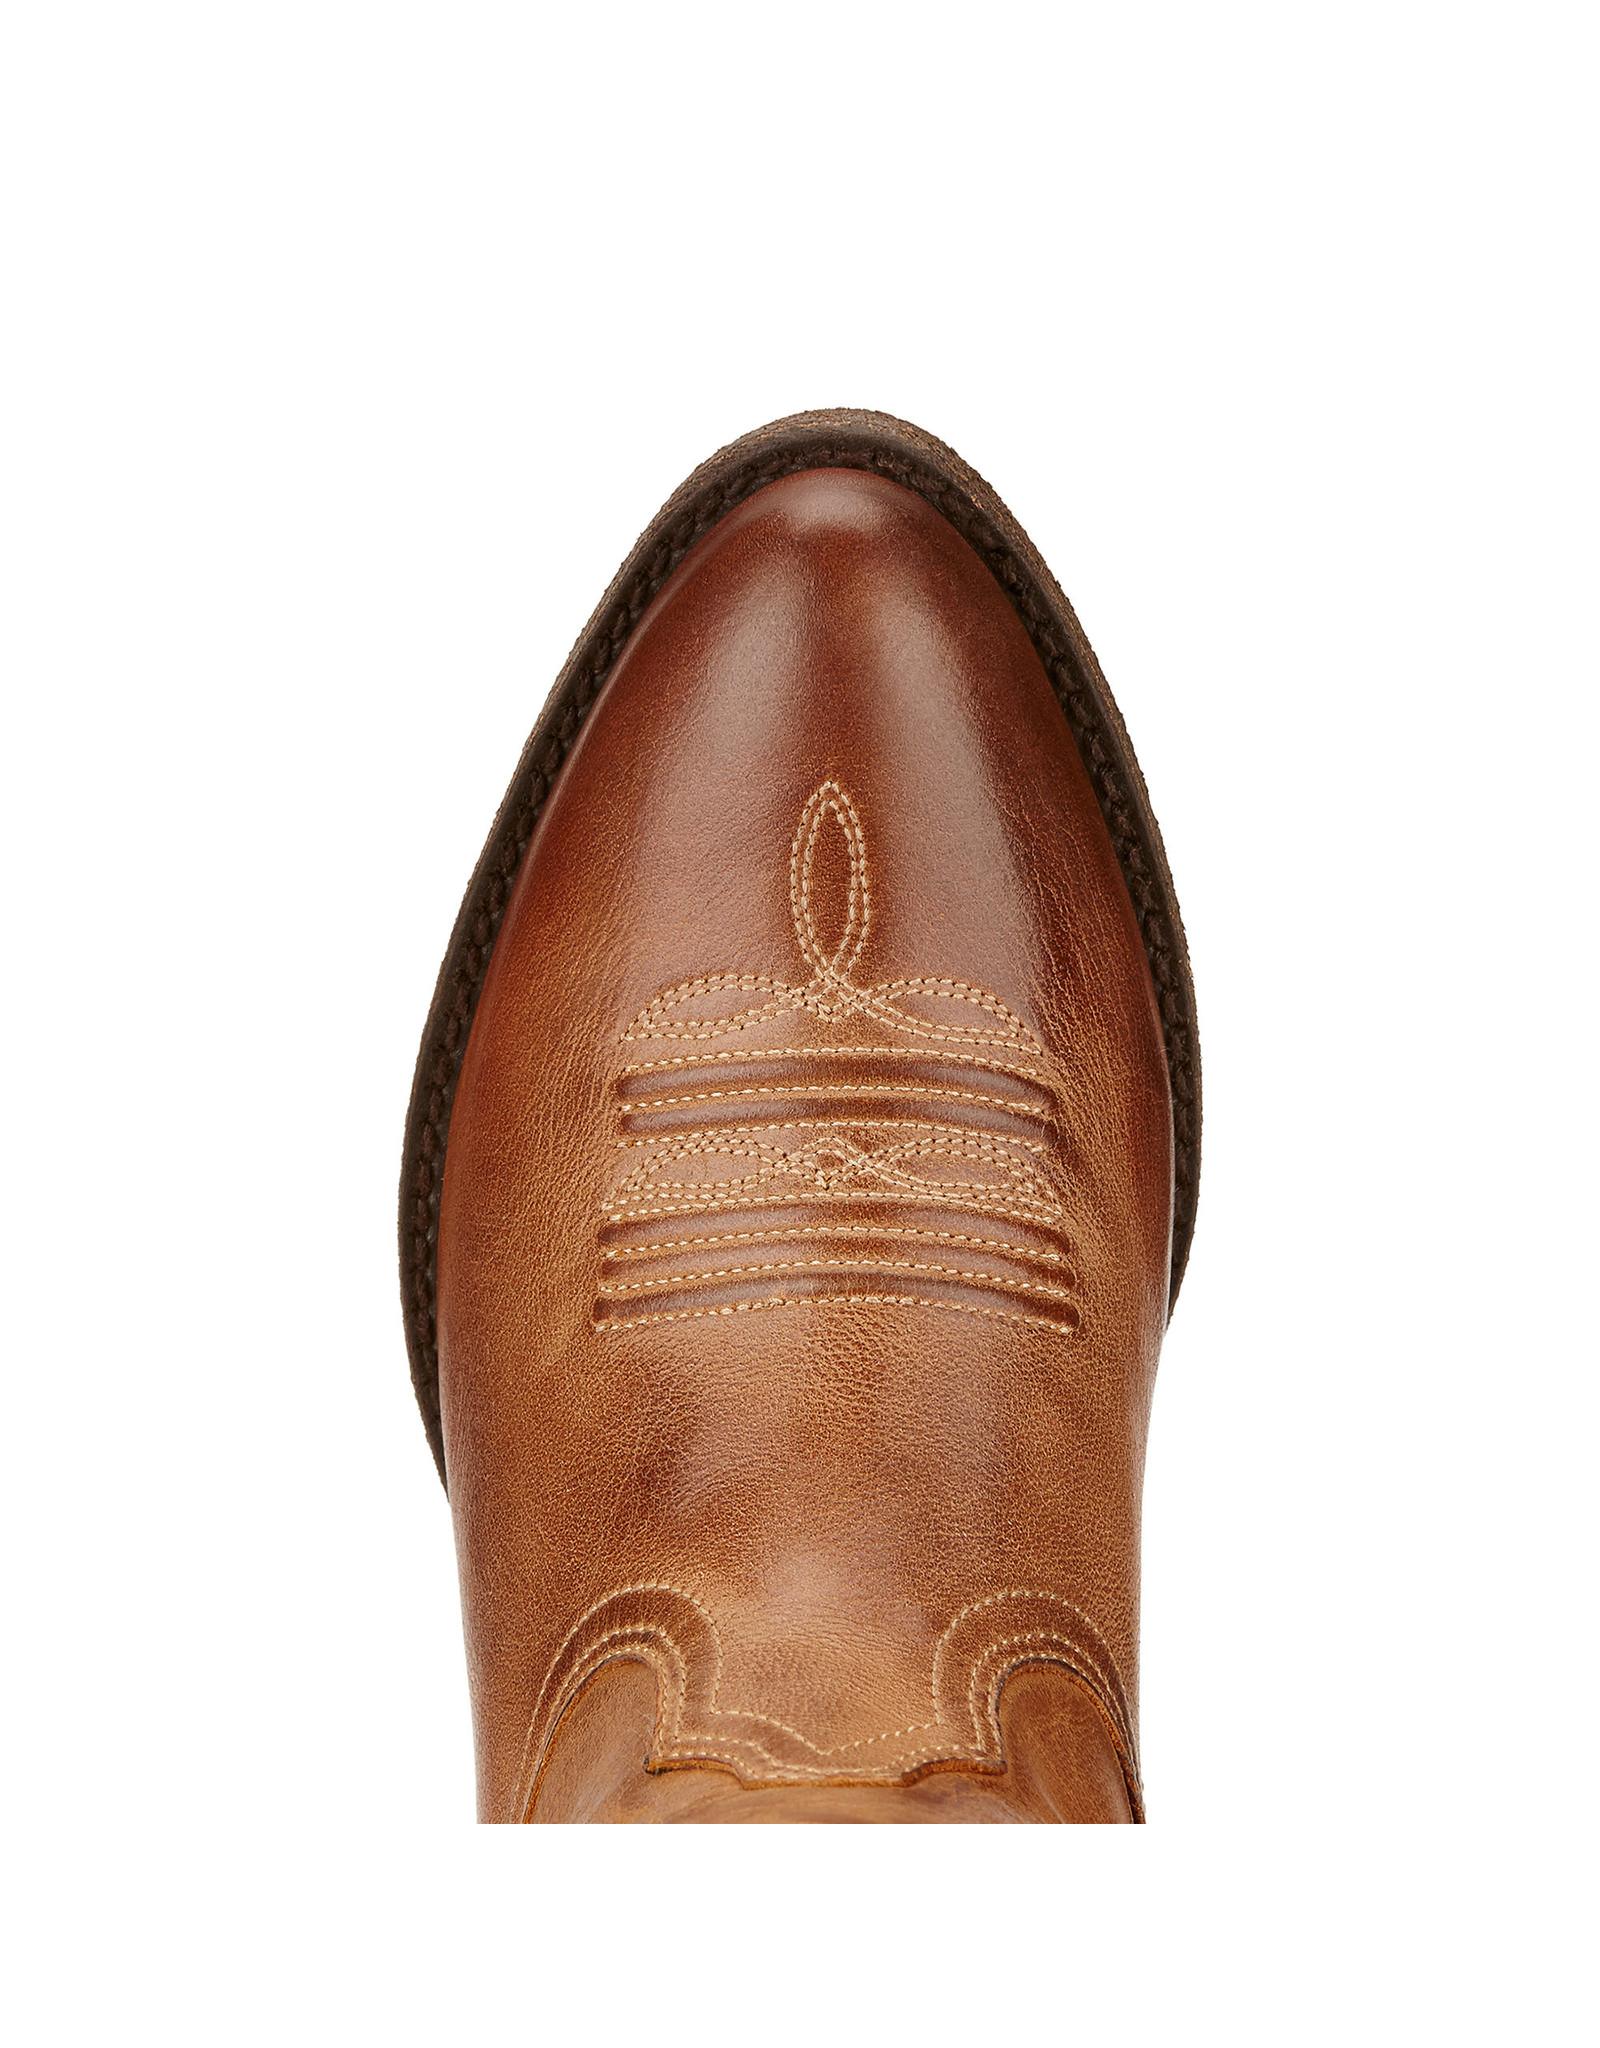 Boots-Women ARIAT Darlin 10017232